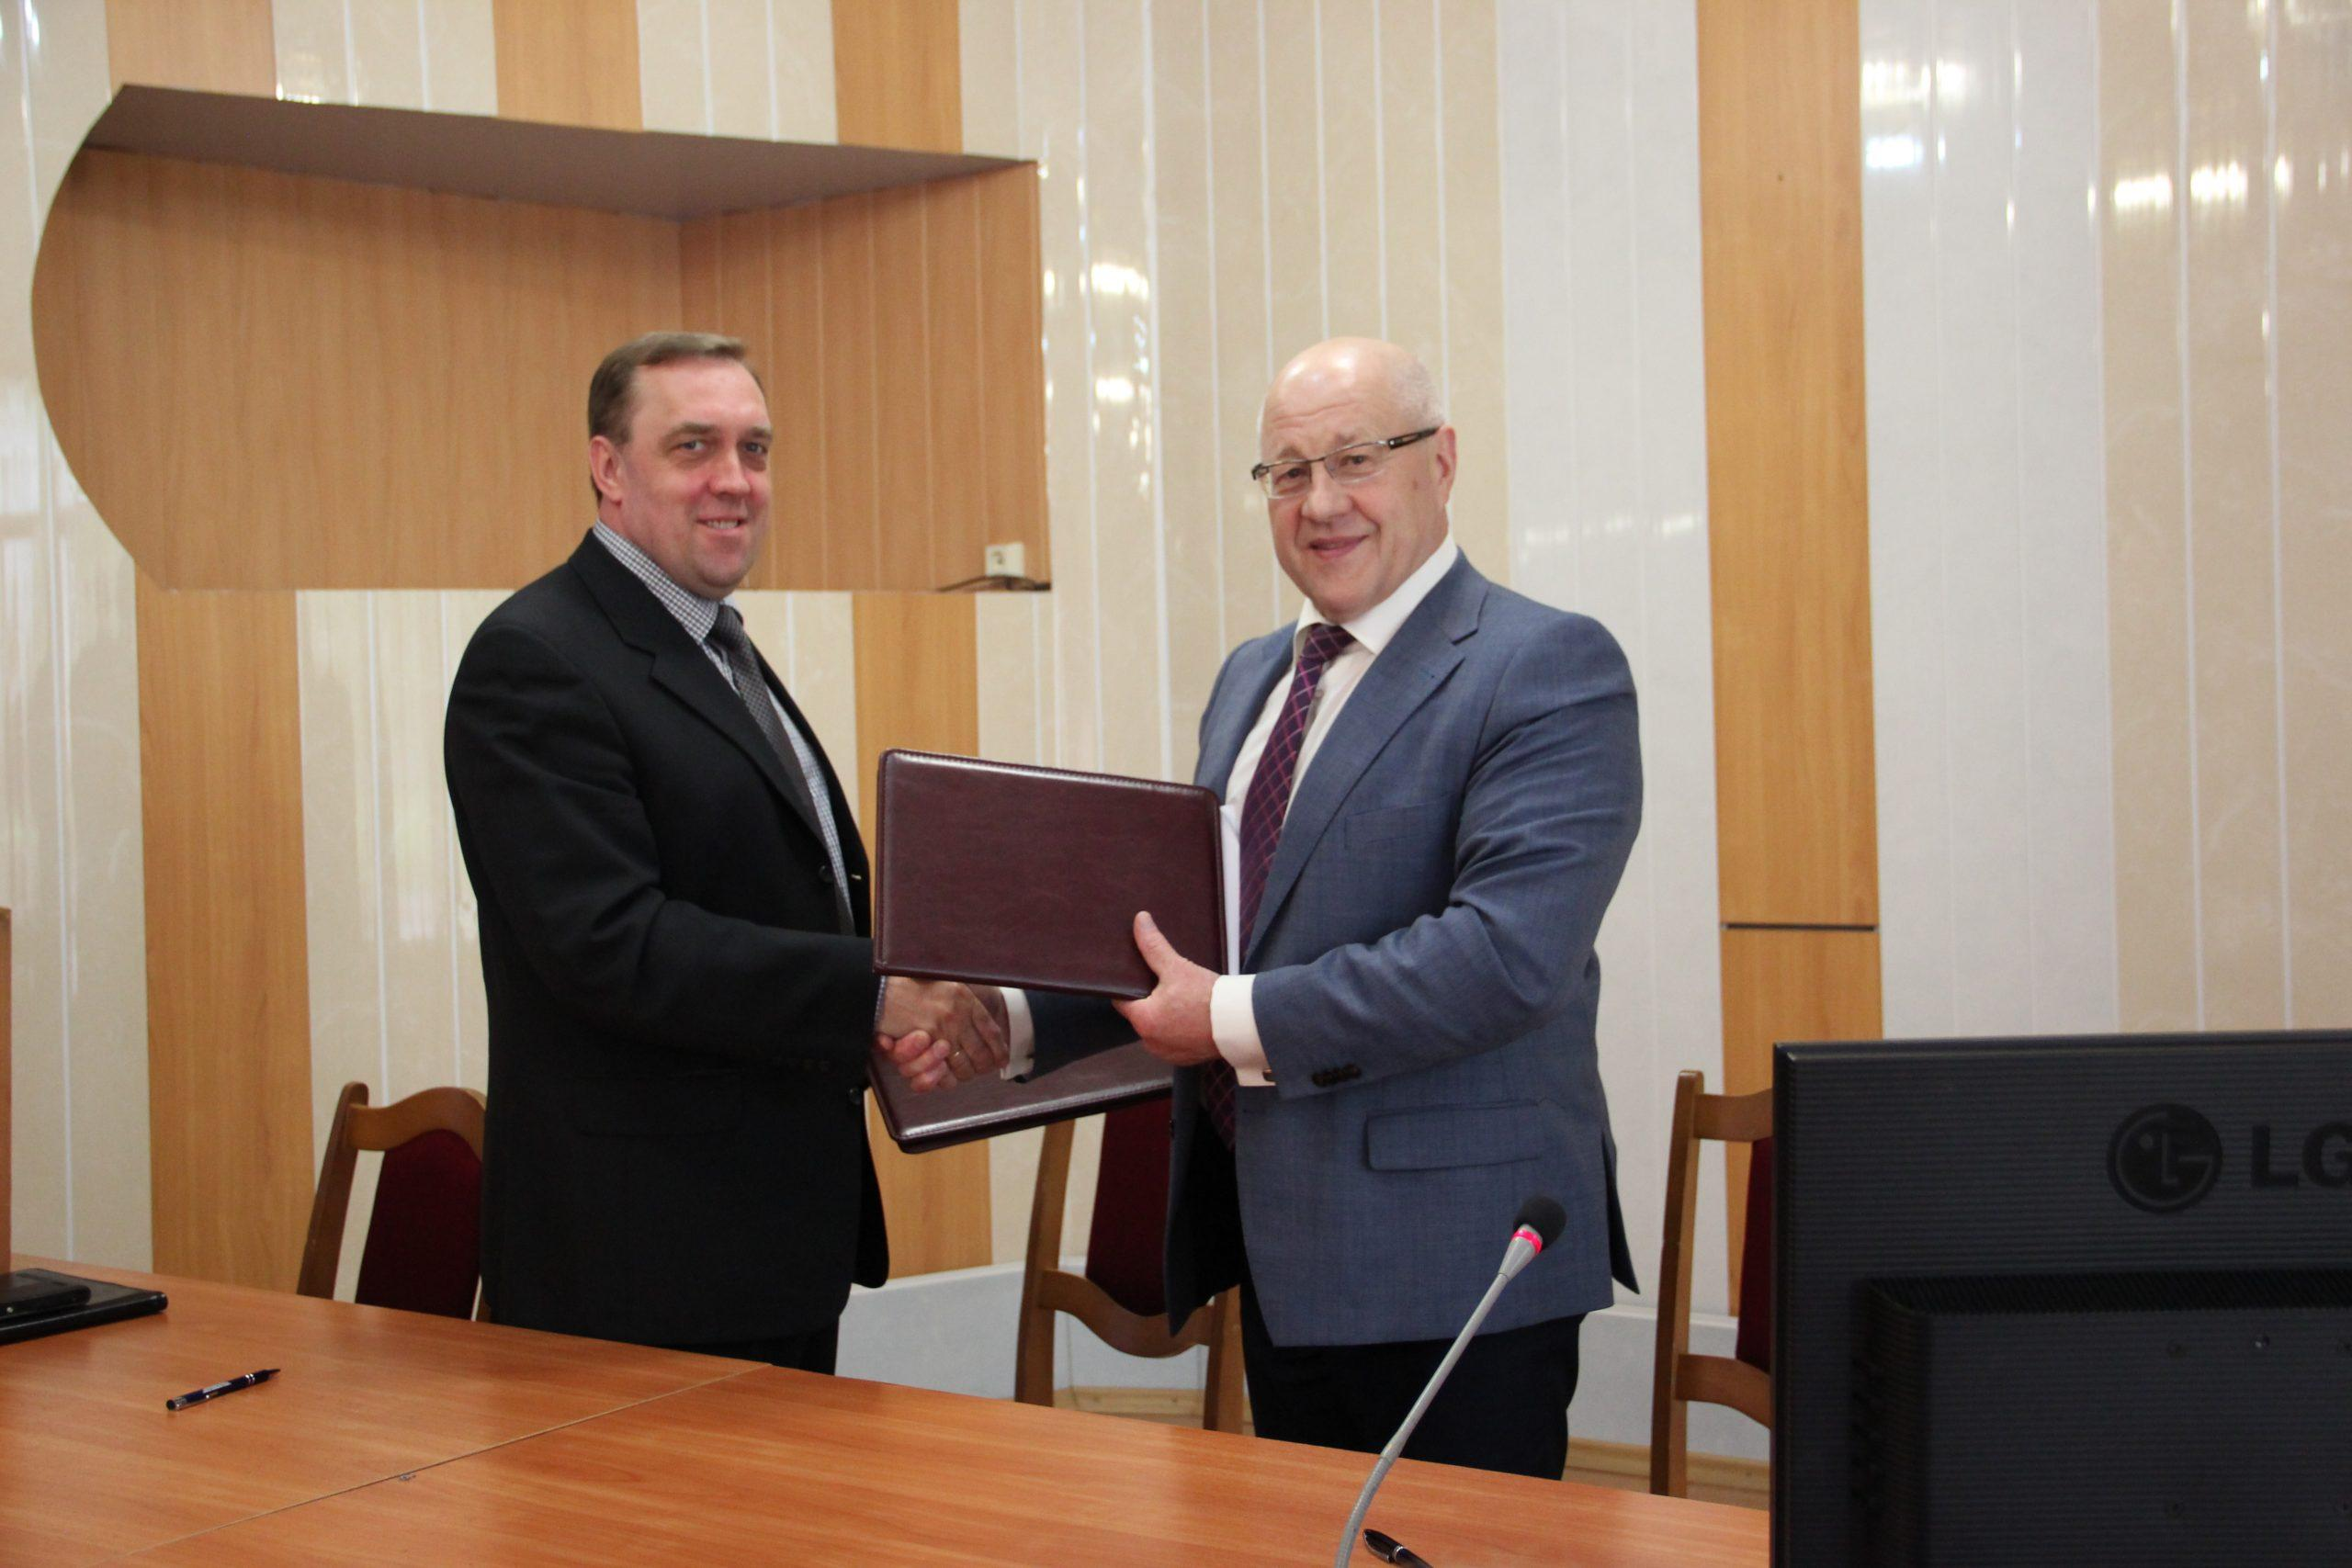 15 июня 2017 года состоялось выездное заседание Координационного совета в Витебском  государственном университете имени П.М.Машерова